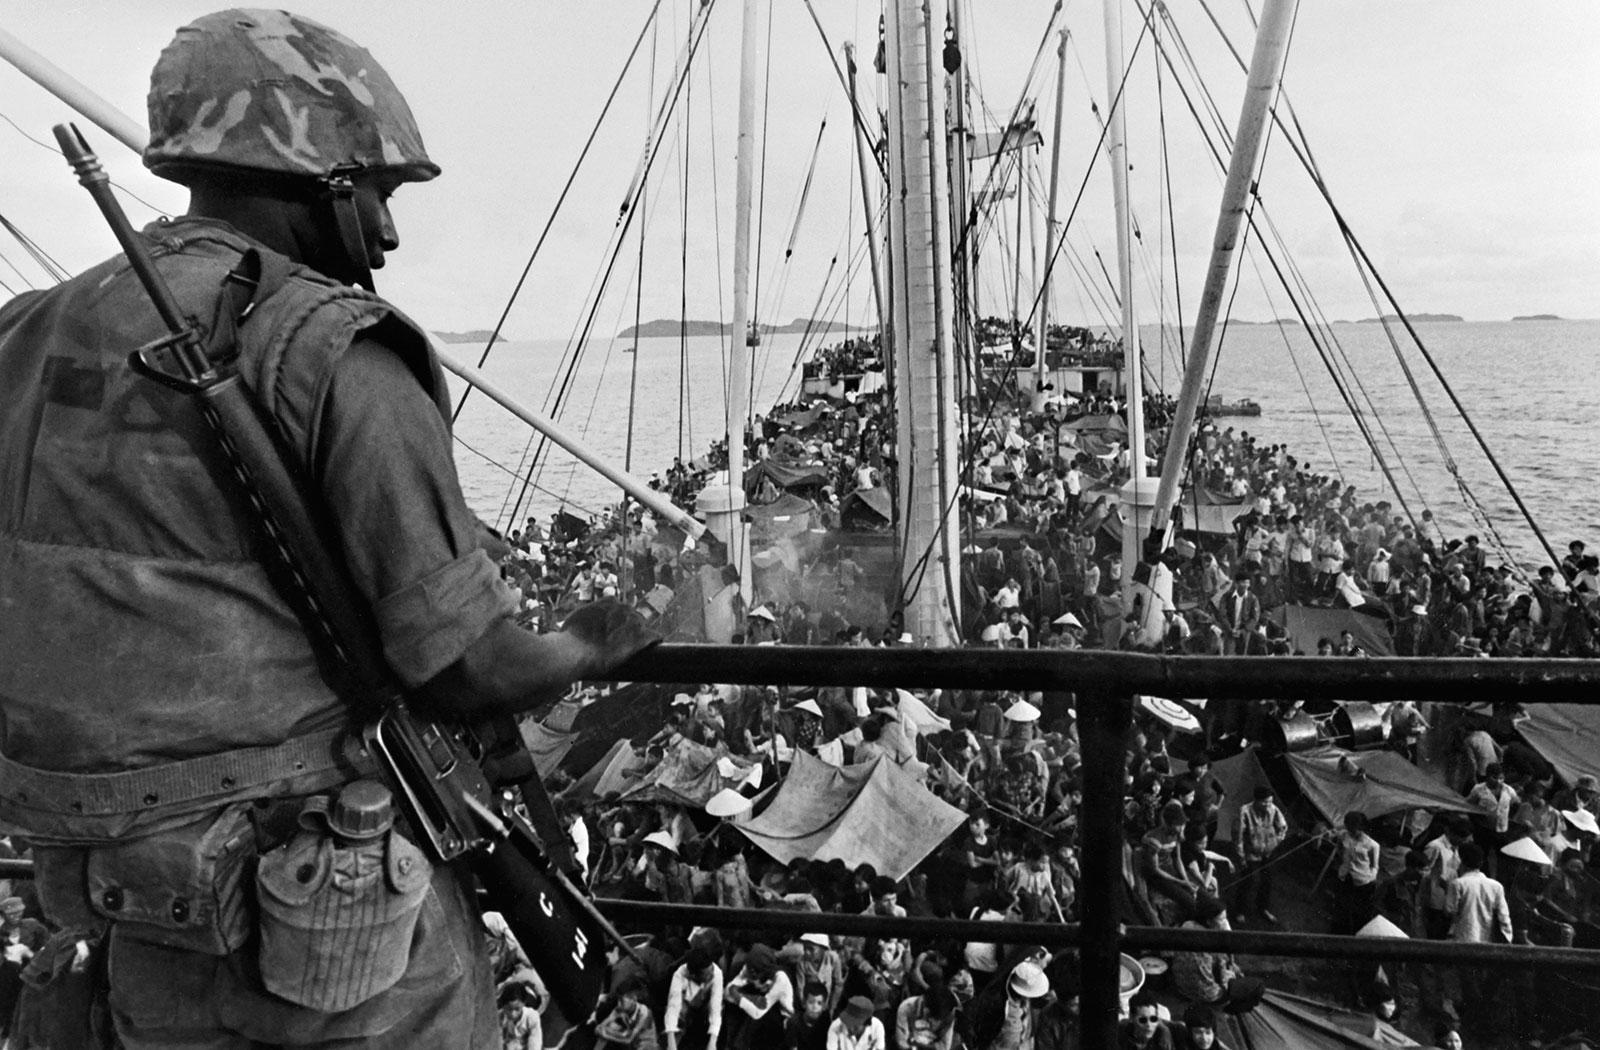 Vietnam 40 Years Later